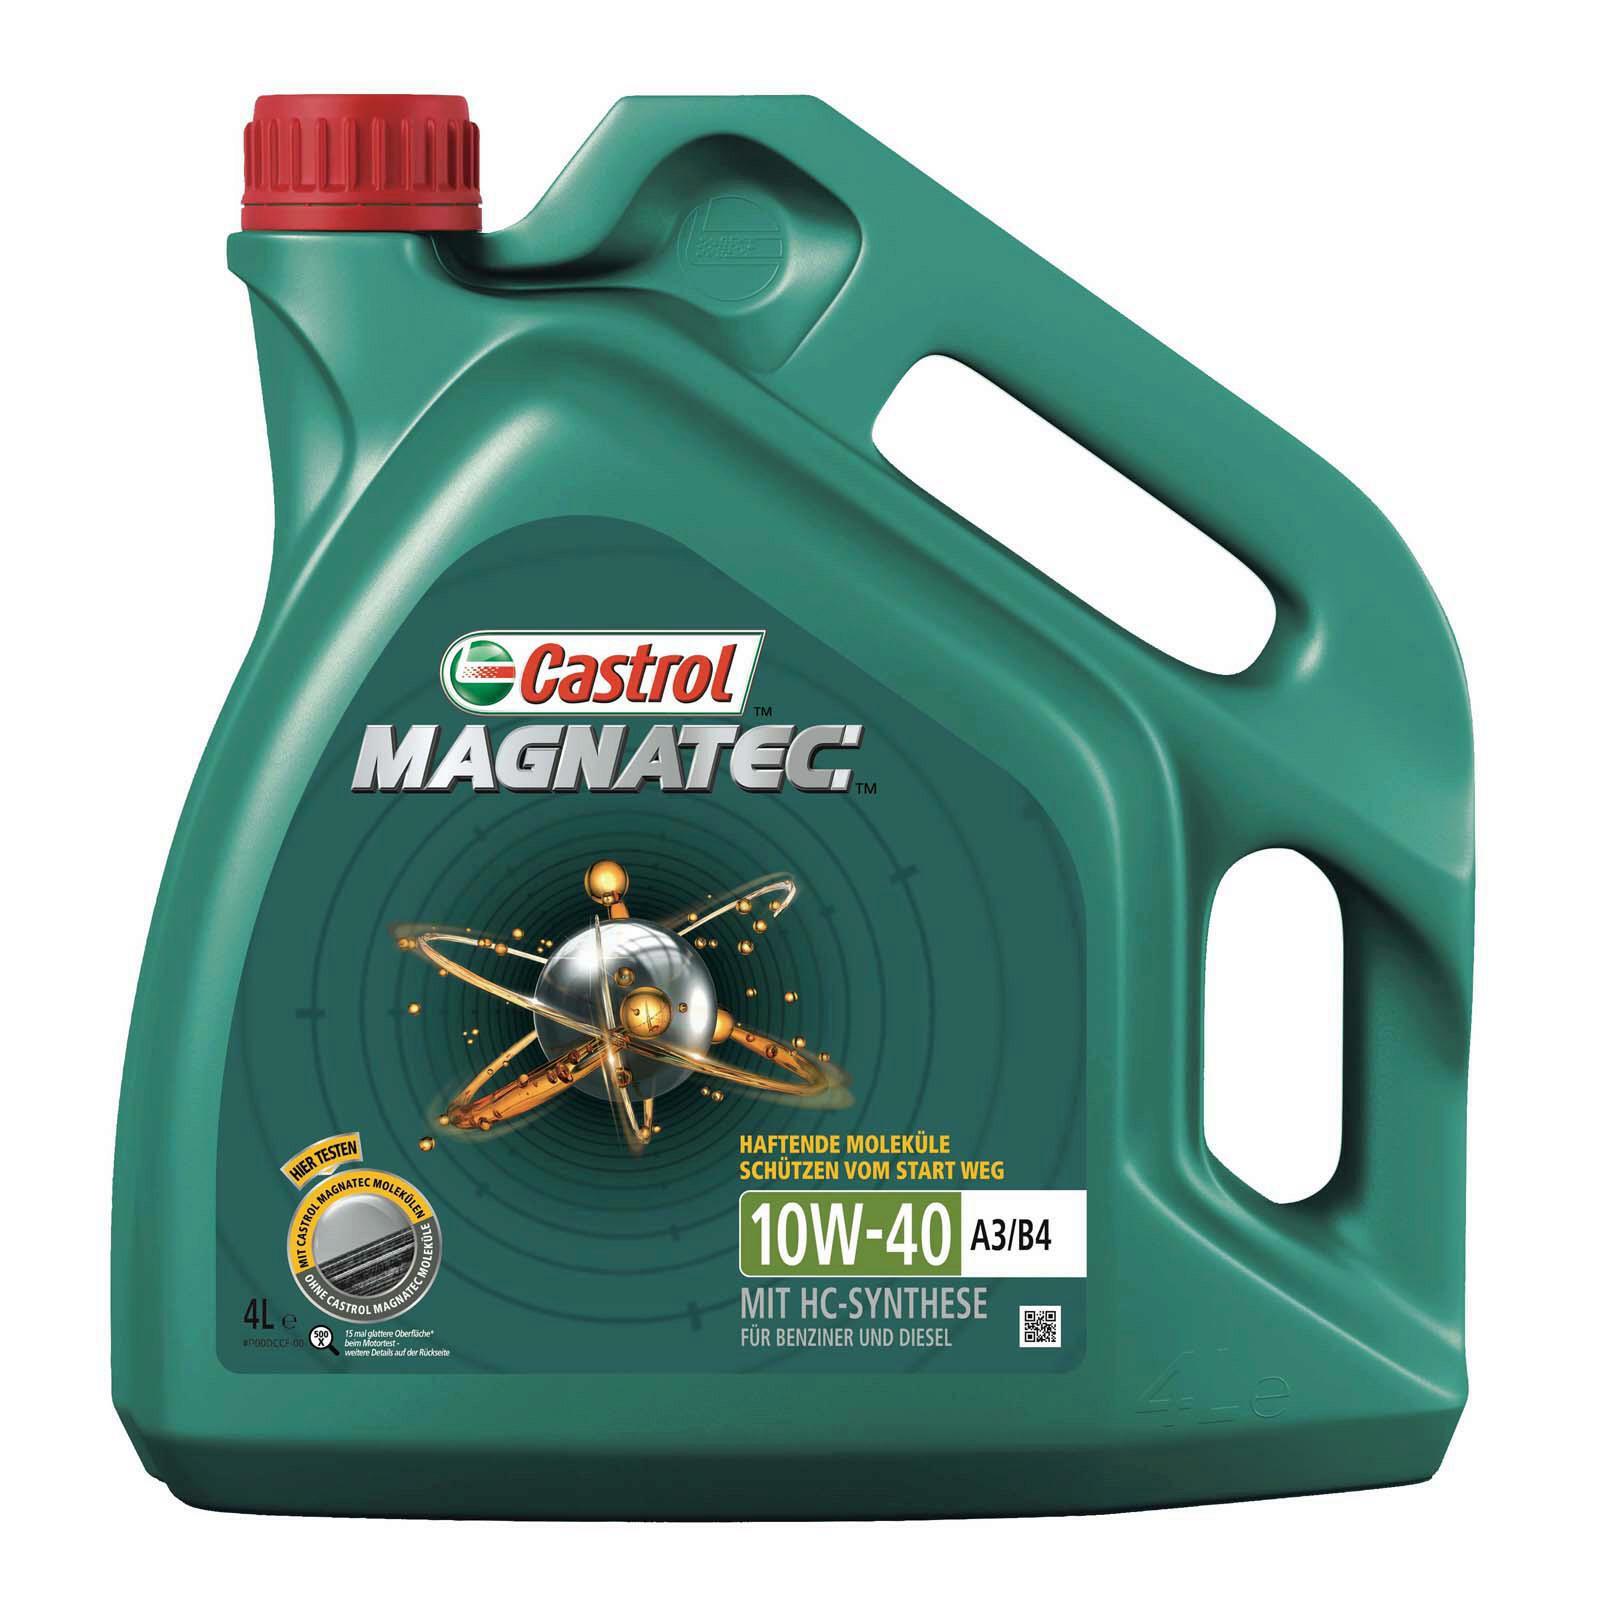 CASTROL Motoröl Magnatec A3/B4 10W-40 4L